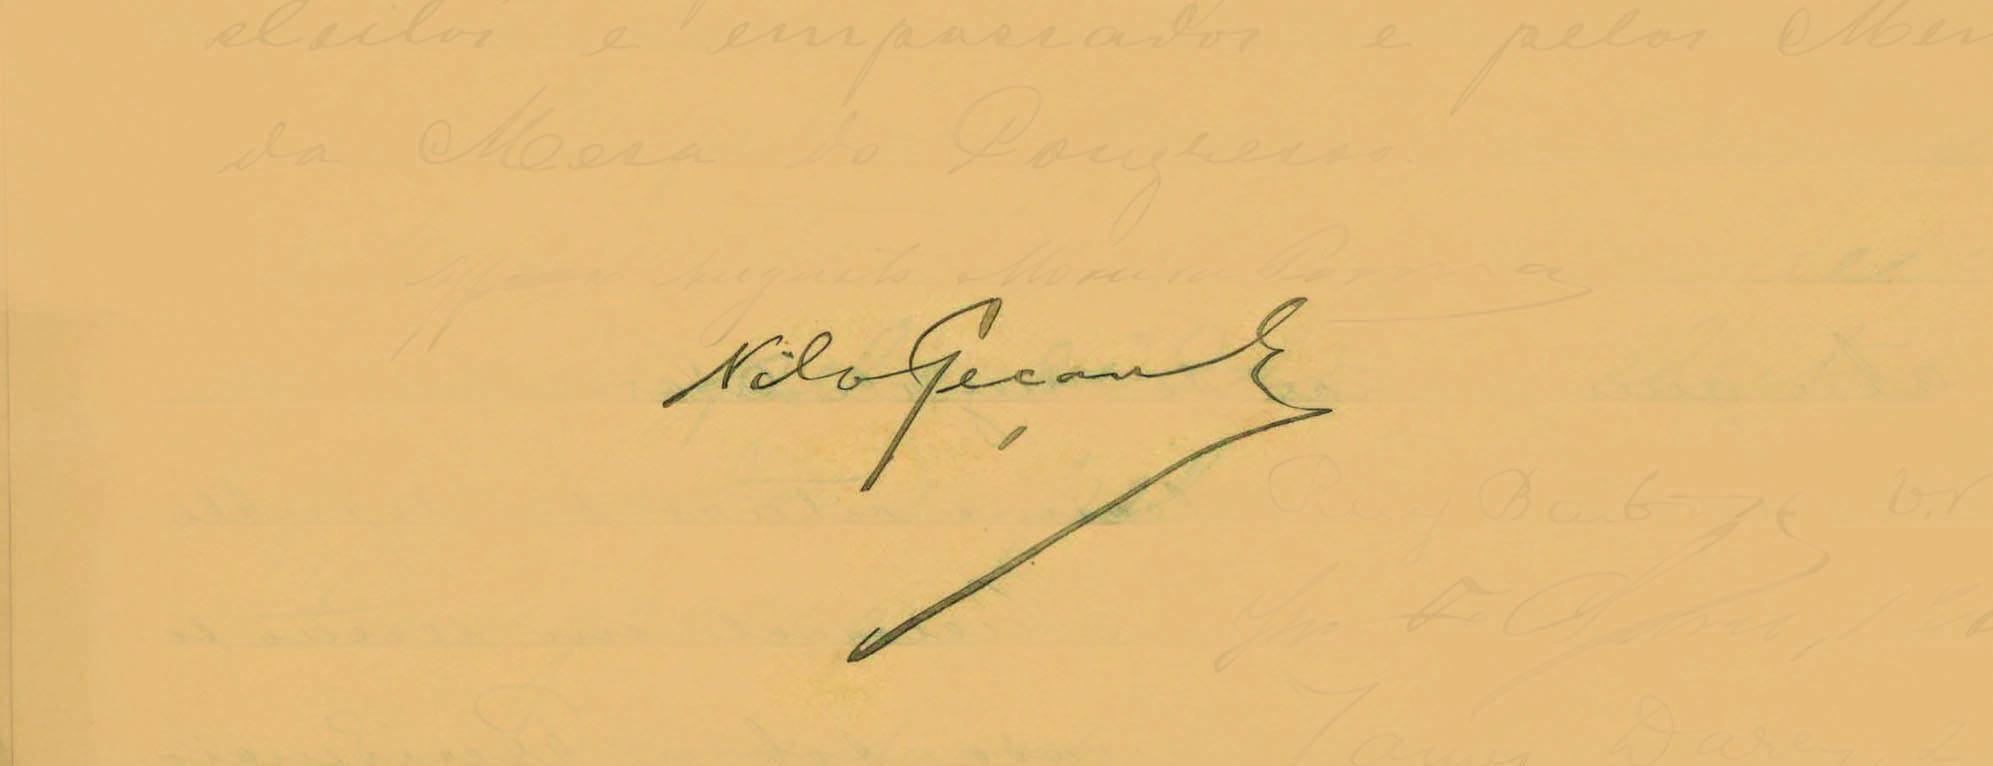 Nilo Peçanha assumiu a presidência em 1909, devido à morte de Afonso Pena. Foto: Reprodução / Senado Federal